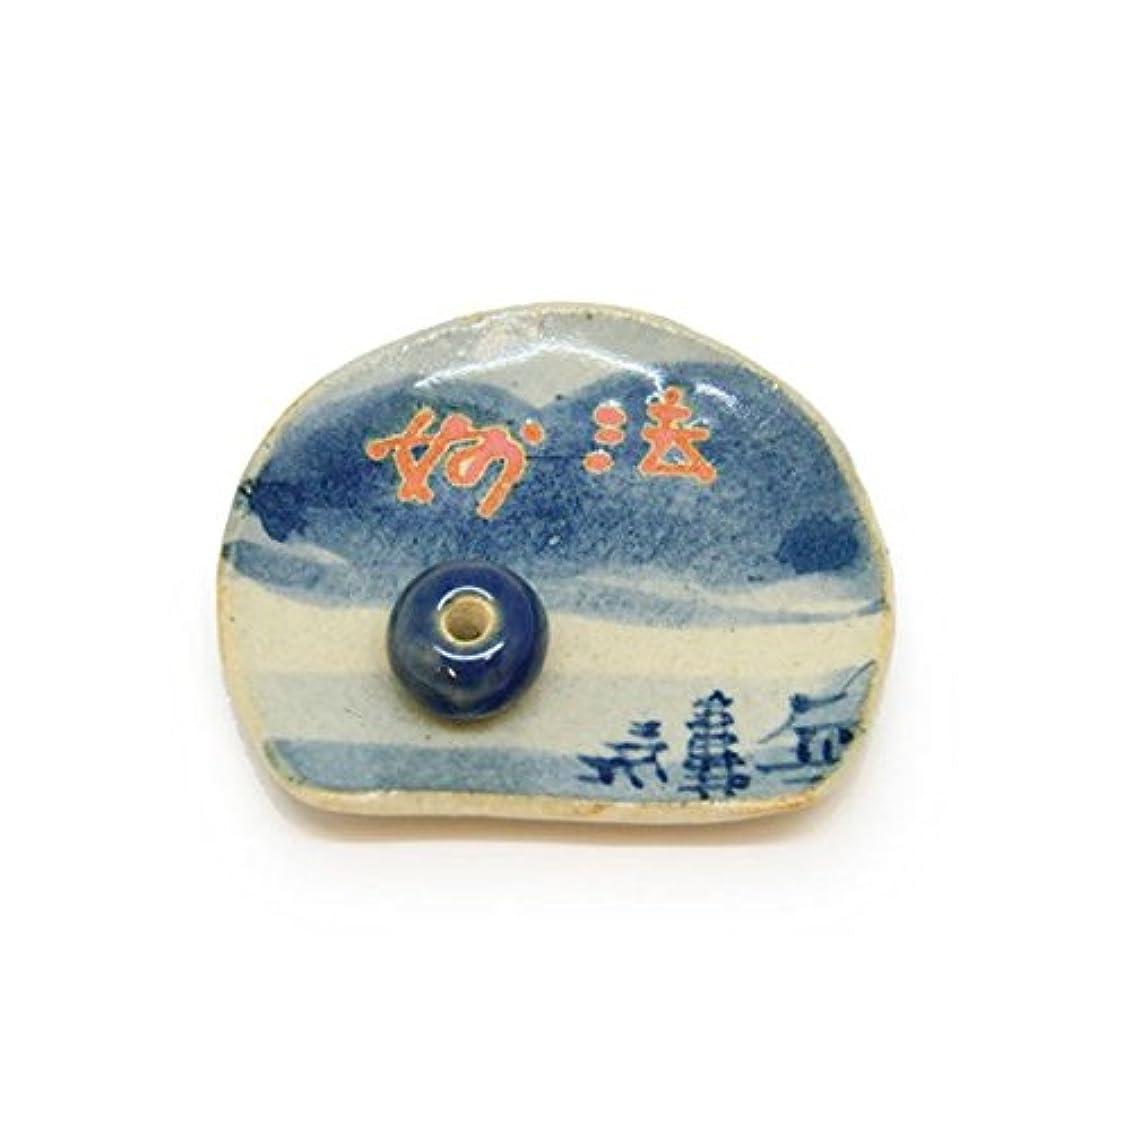 チャーミング振るうゲートウェイ香皿 京の風物詩 夏 「妙法」